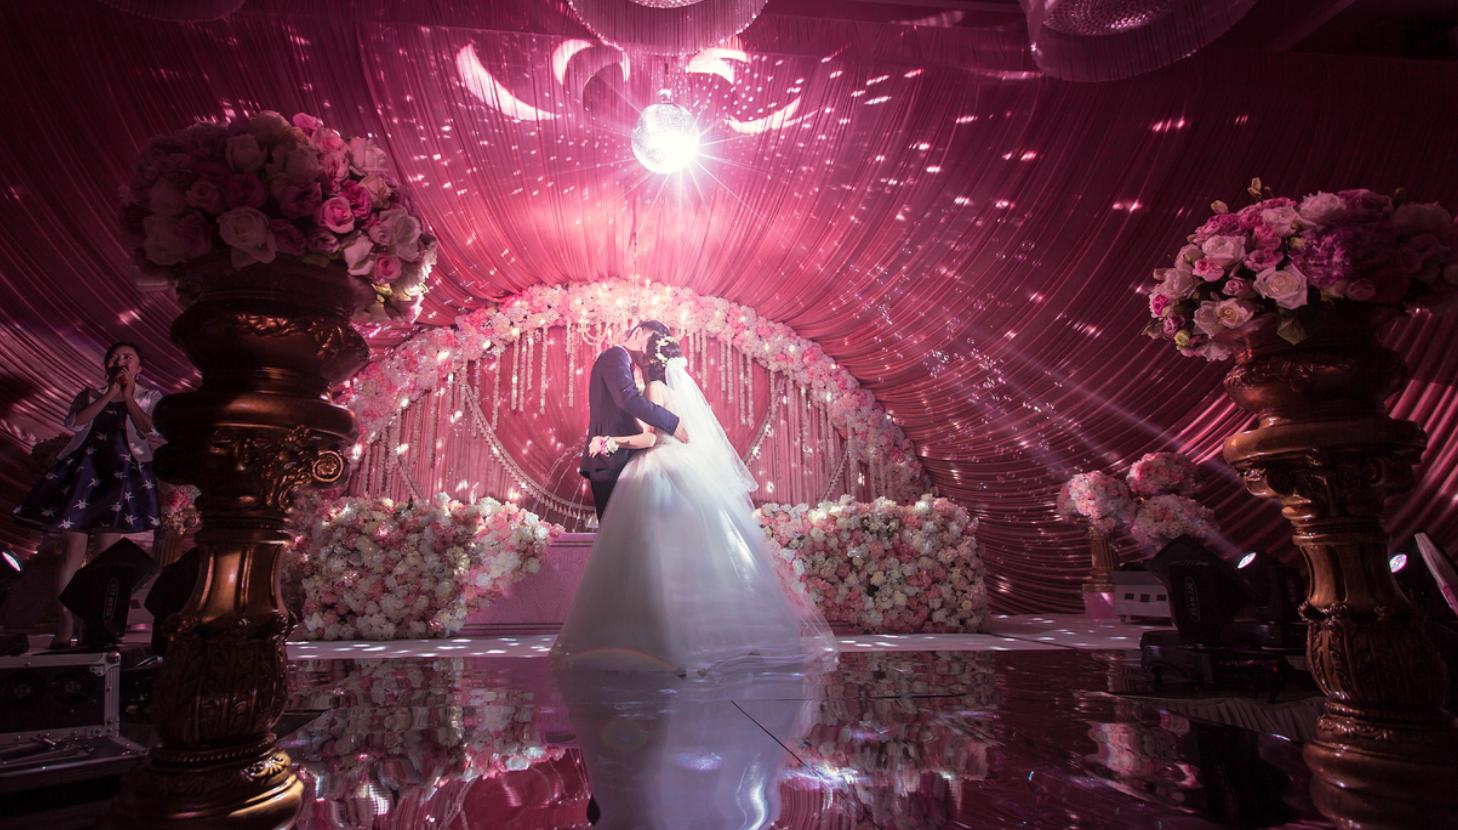 珠海达林婚礼创意策划 场地布置 婚礼摄影摄像跟拍 司仪主持